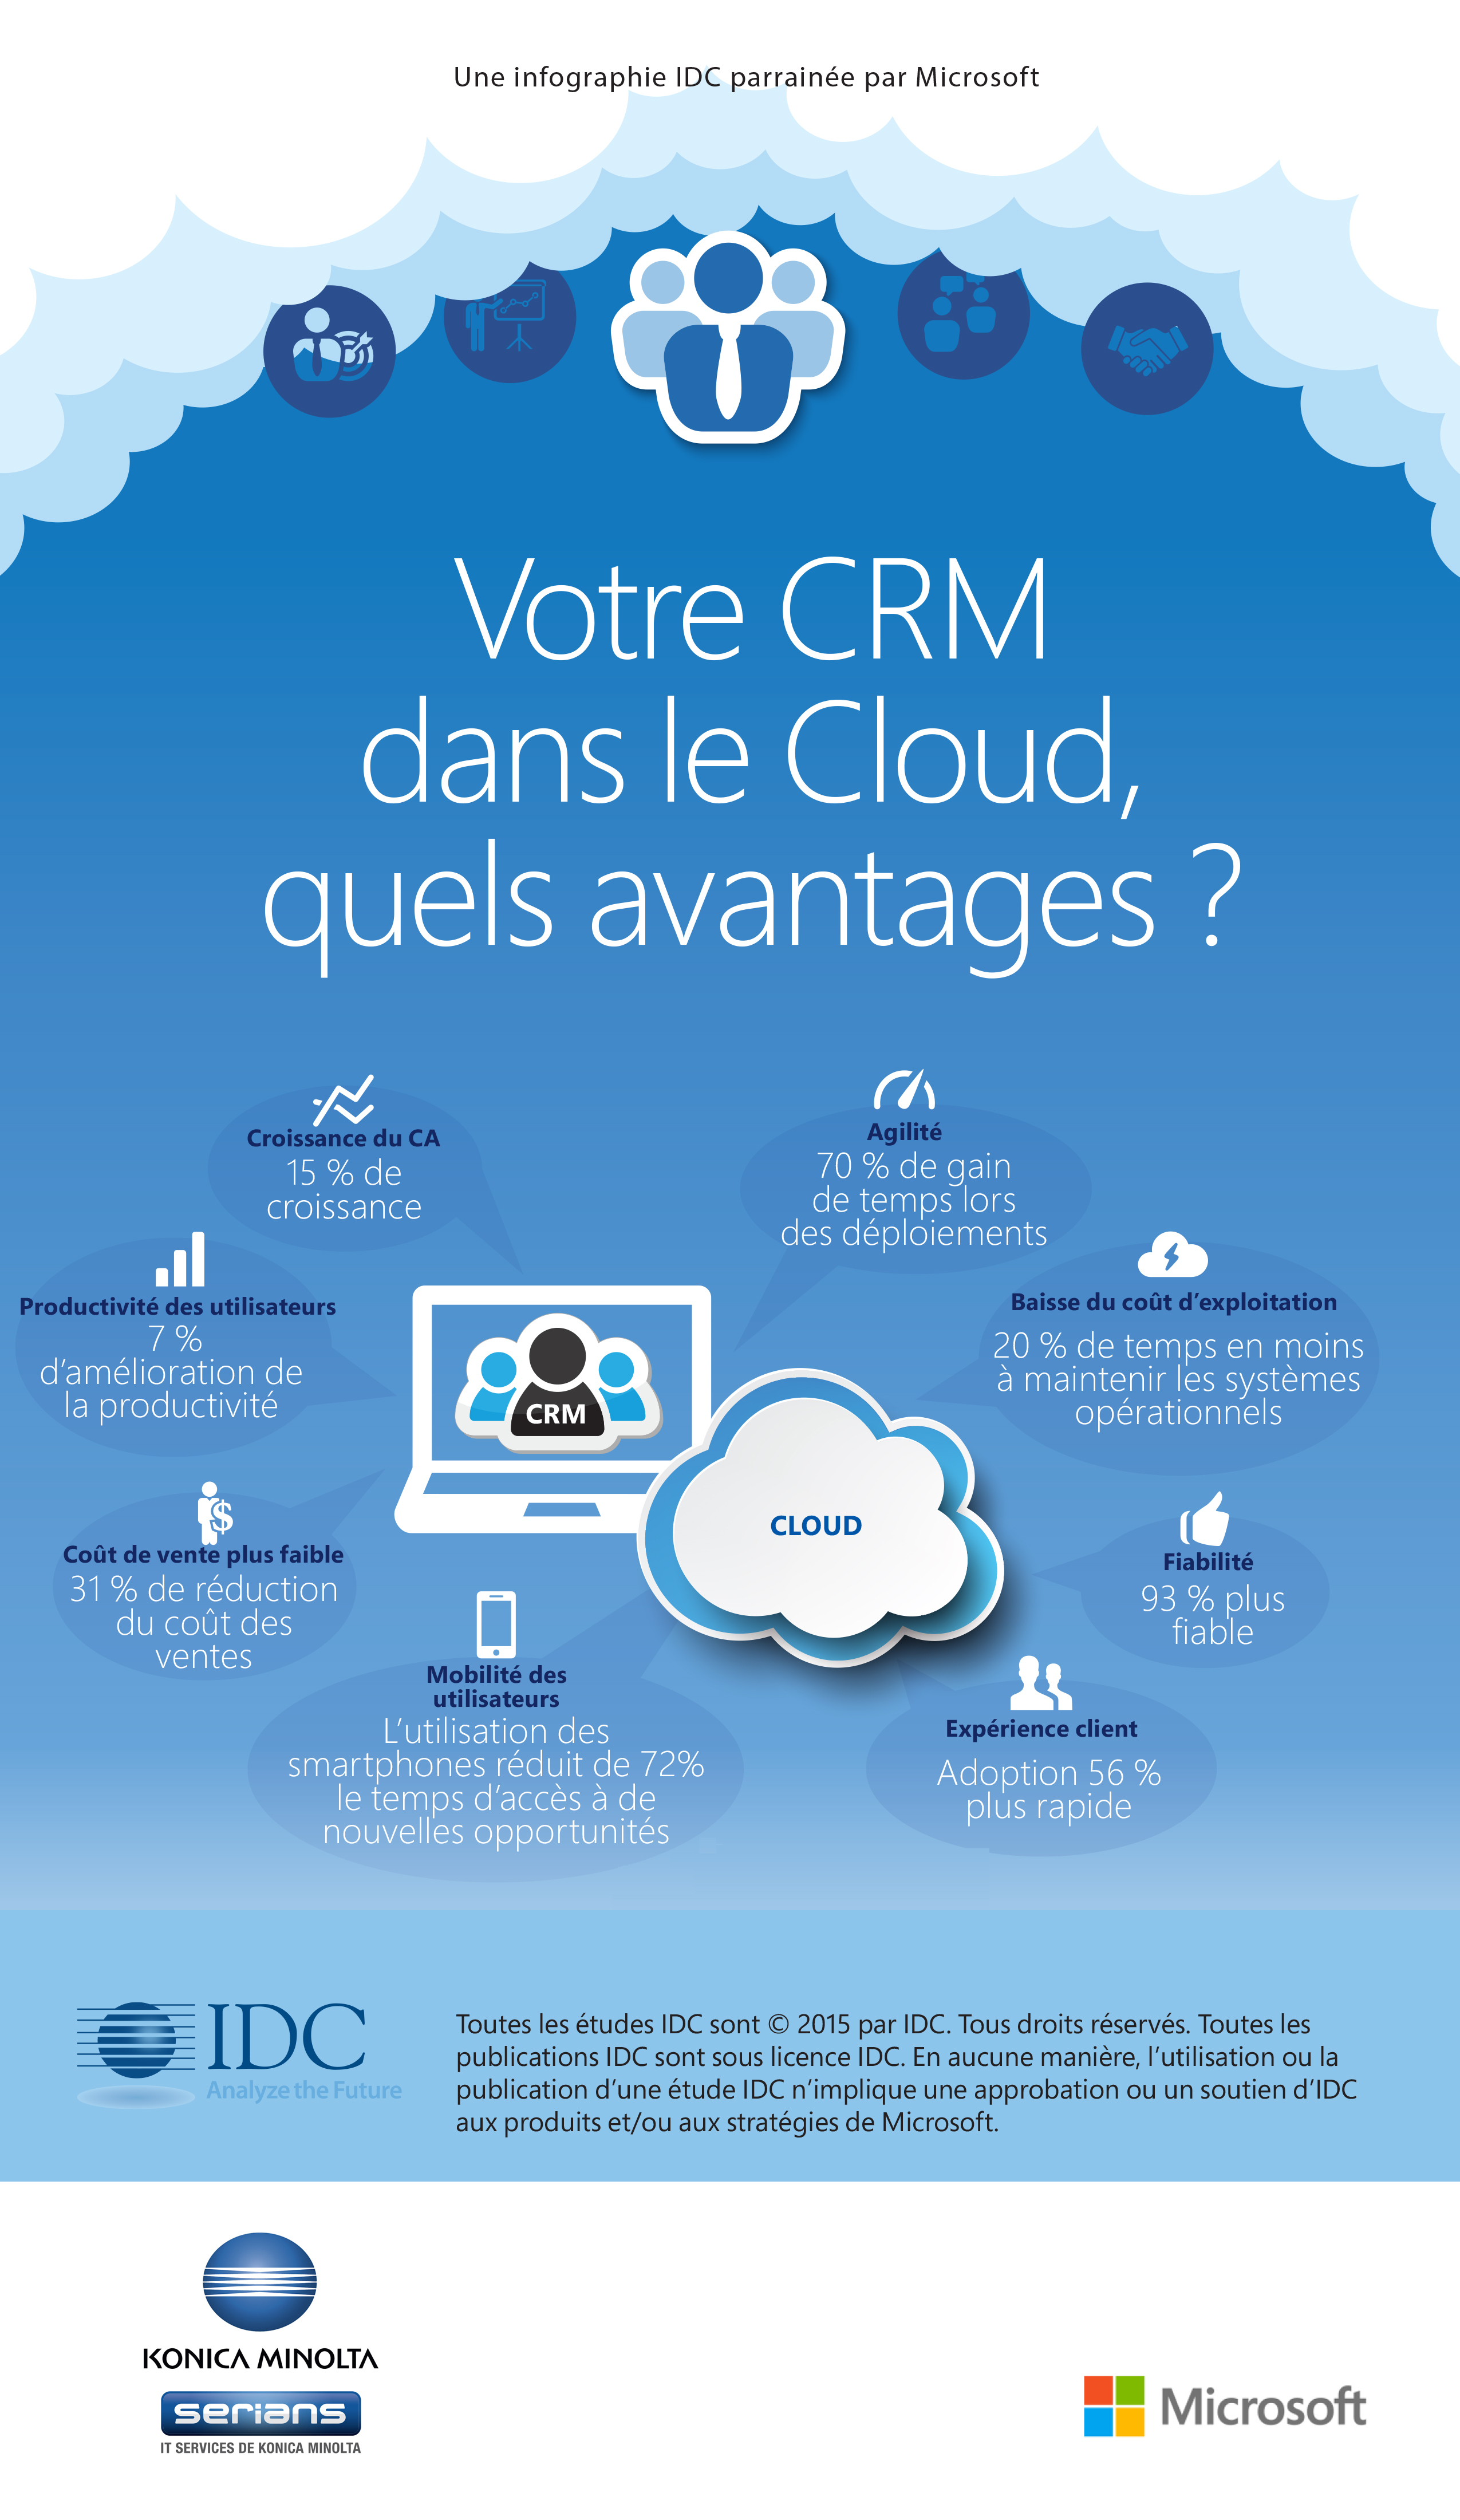 Votre CRM dans le Cloud,quels avantages ?